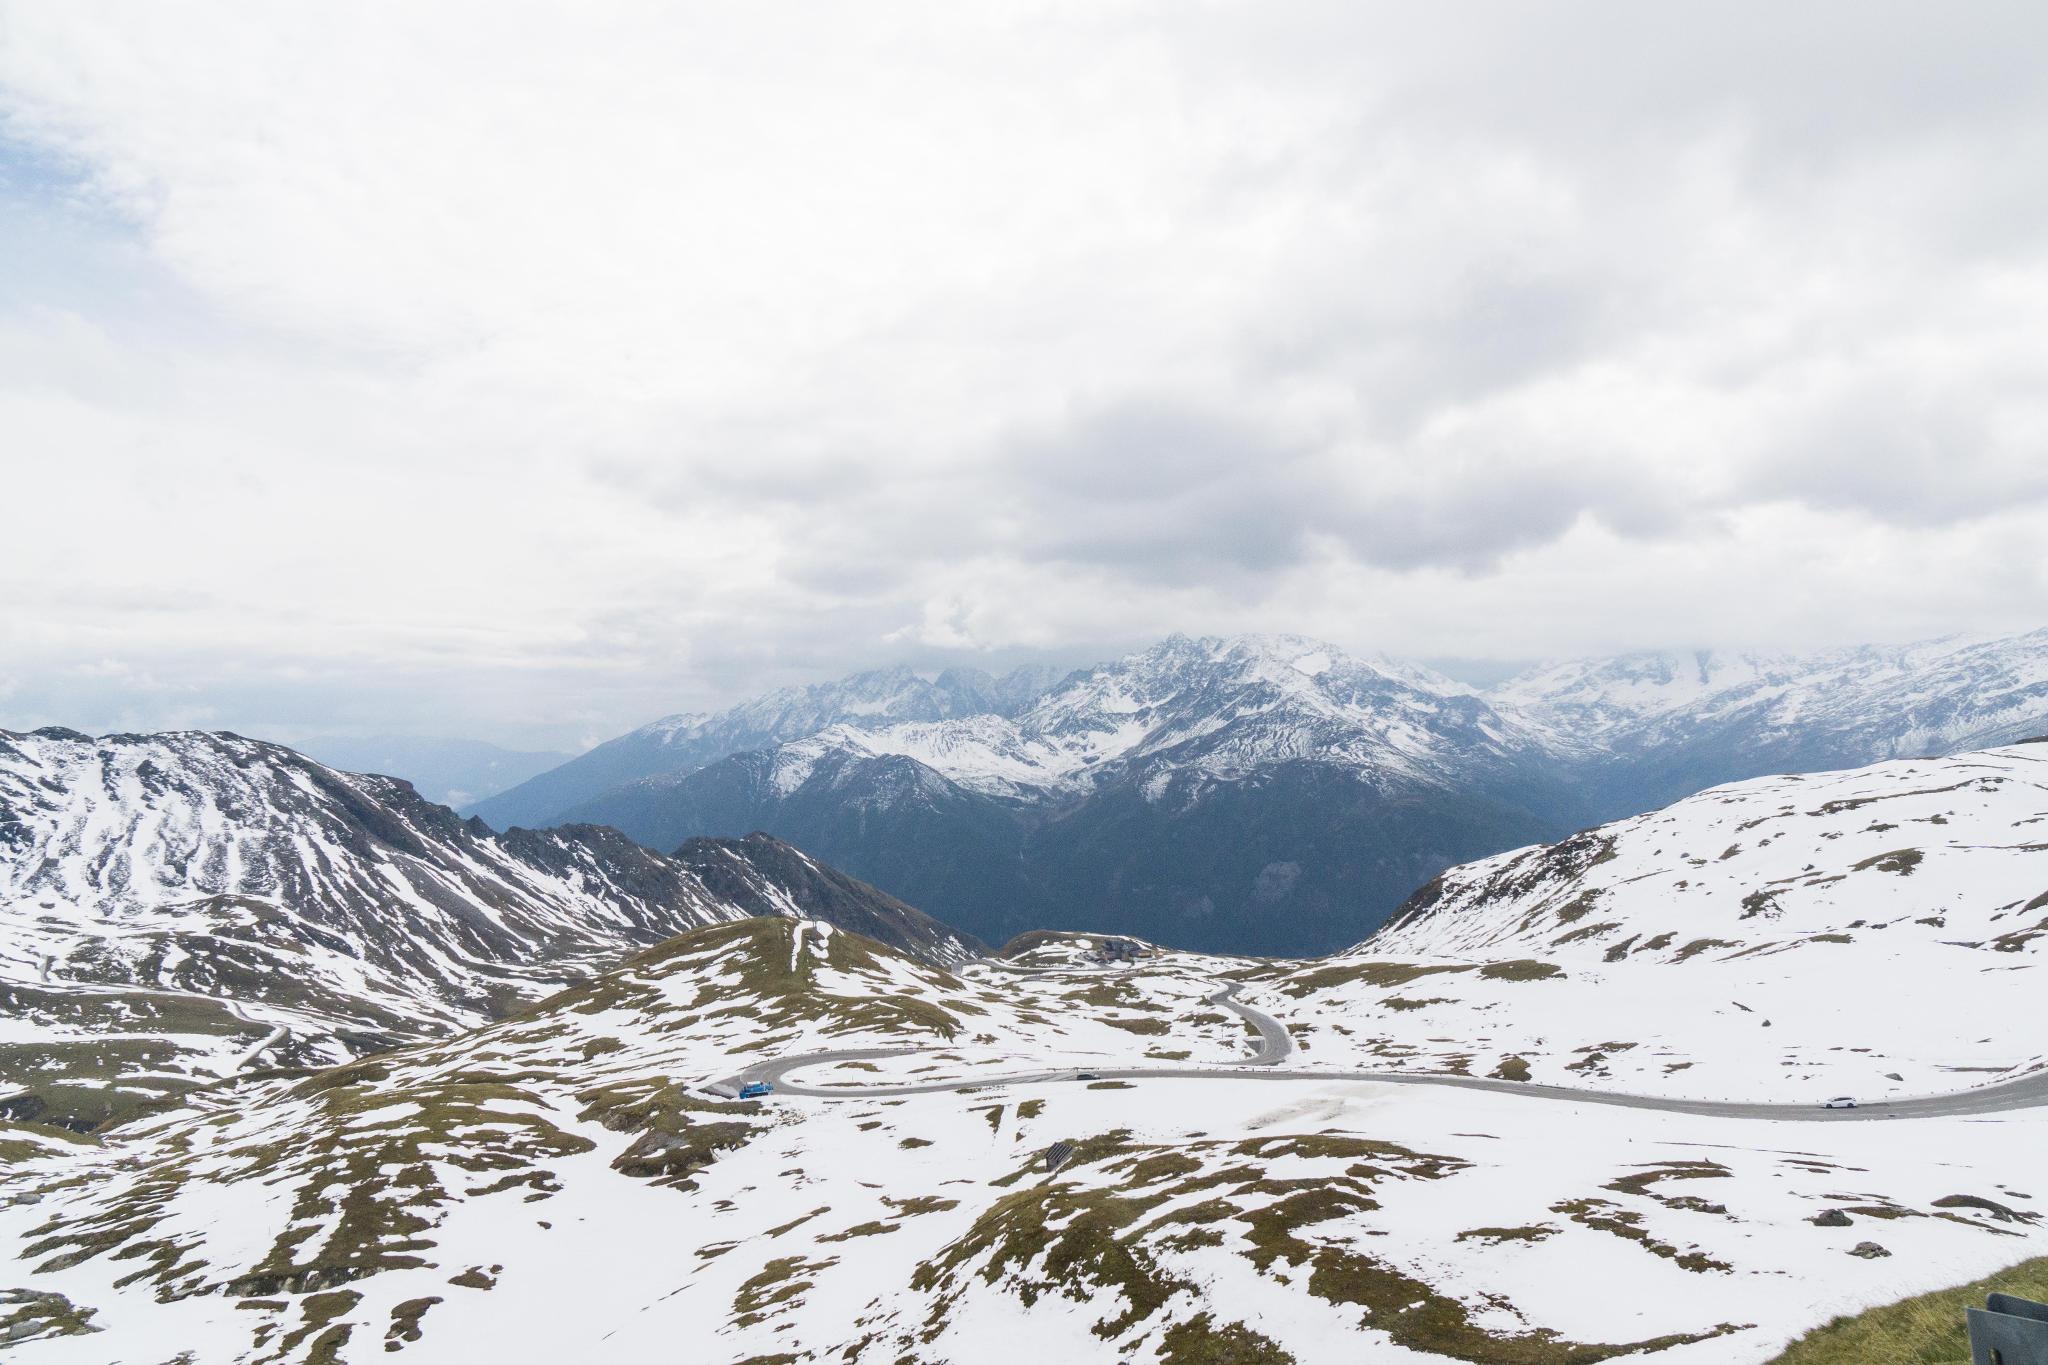 【奧地利】穿越阿爾卑斯之巔 — 奧地利大鐘山冰河公路 (Grossglockner High Alpine Road) 40